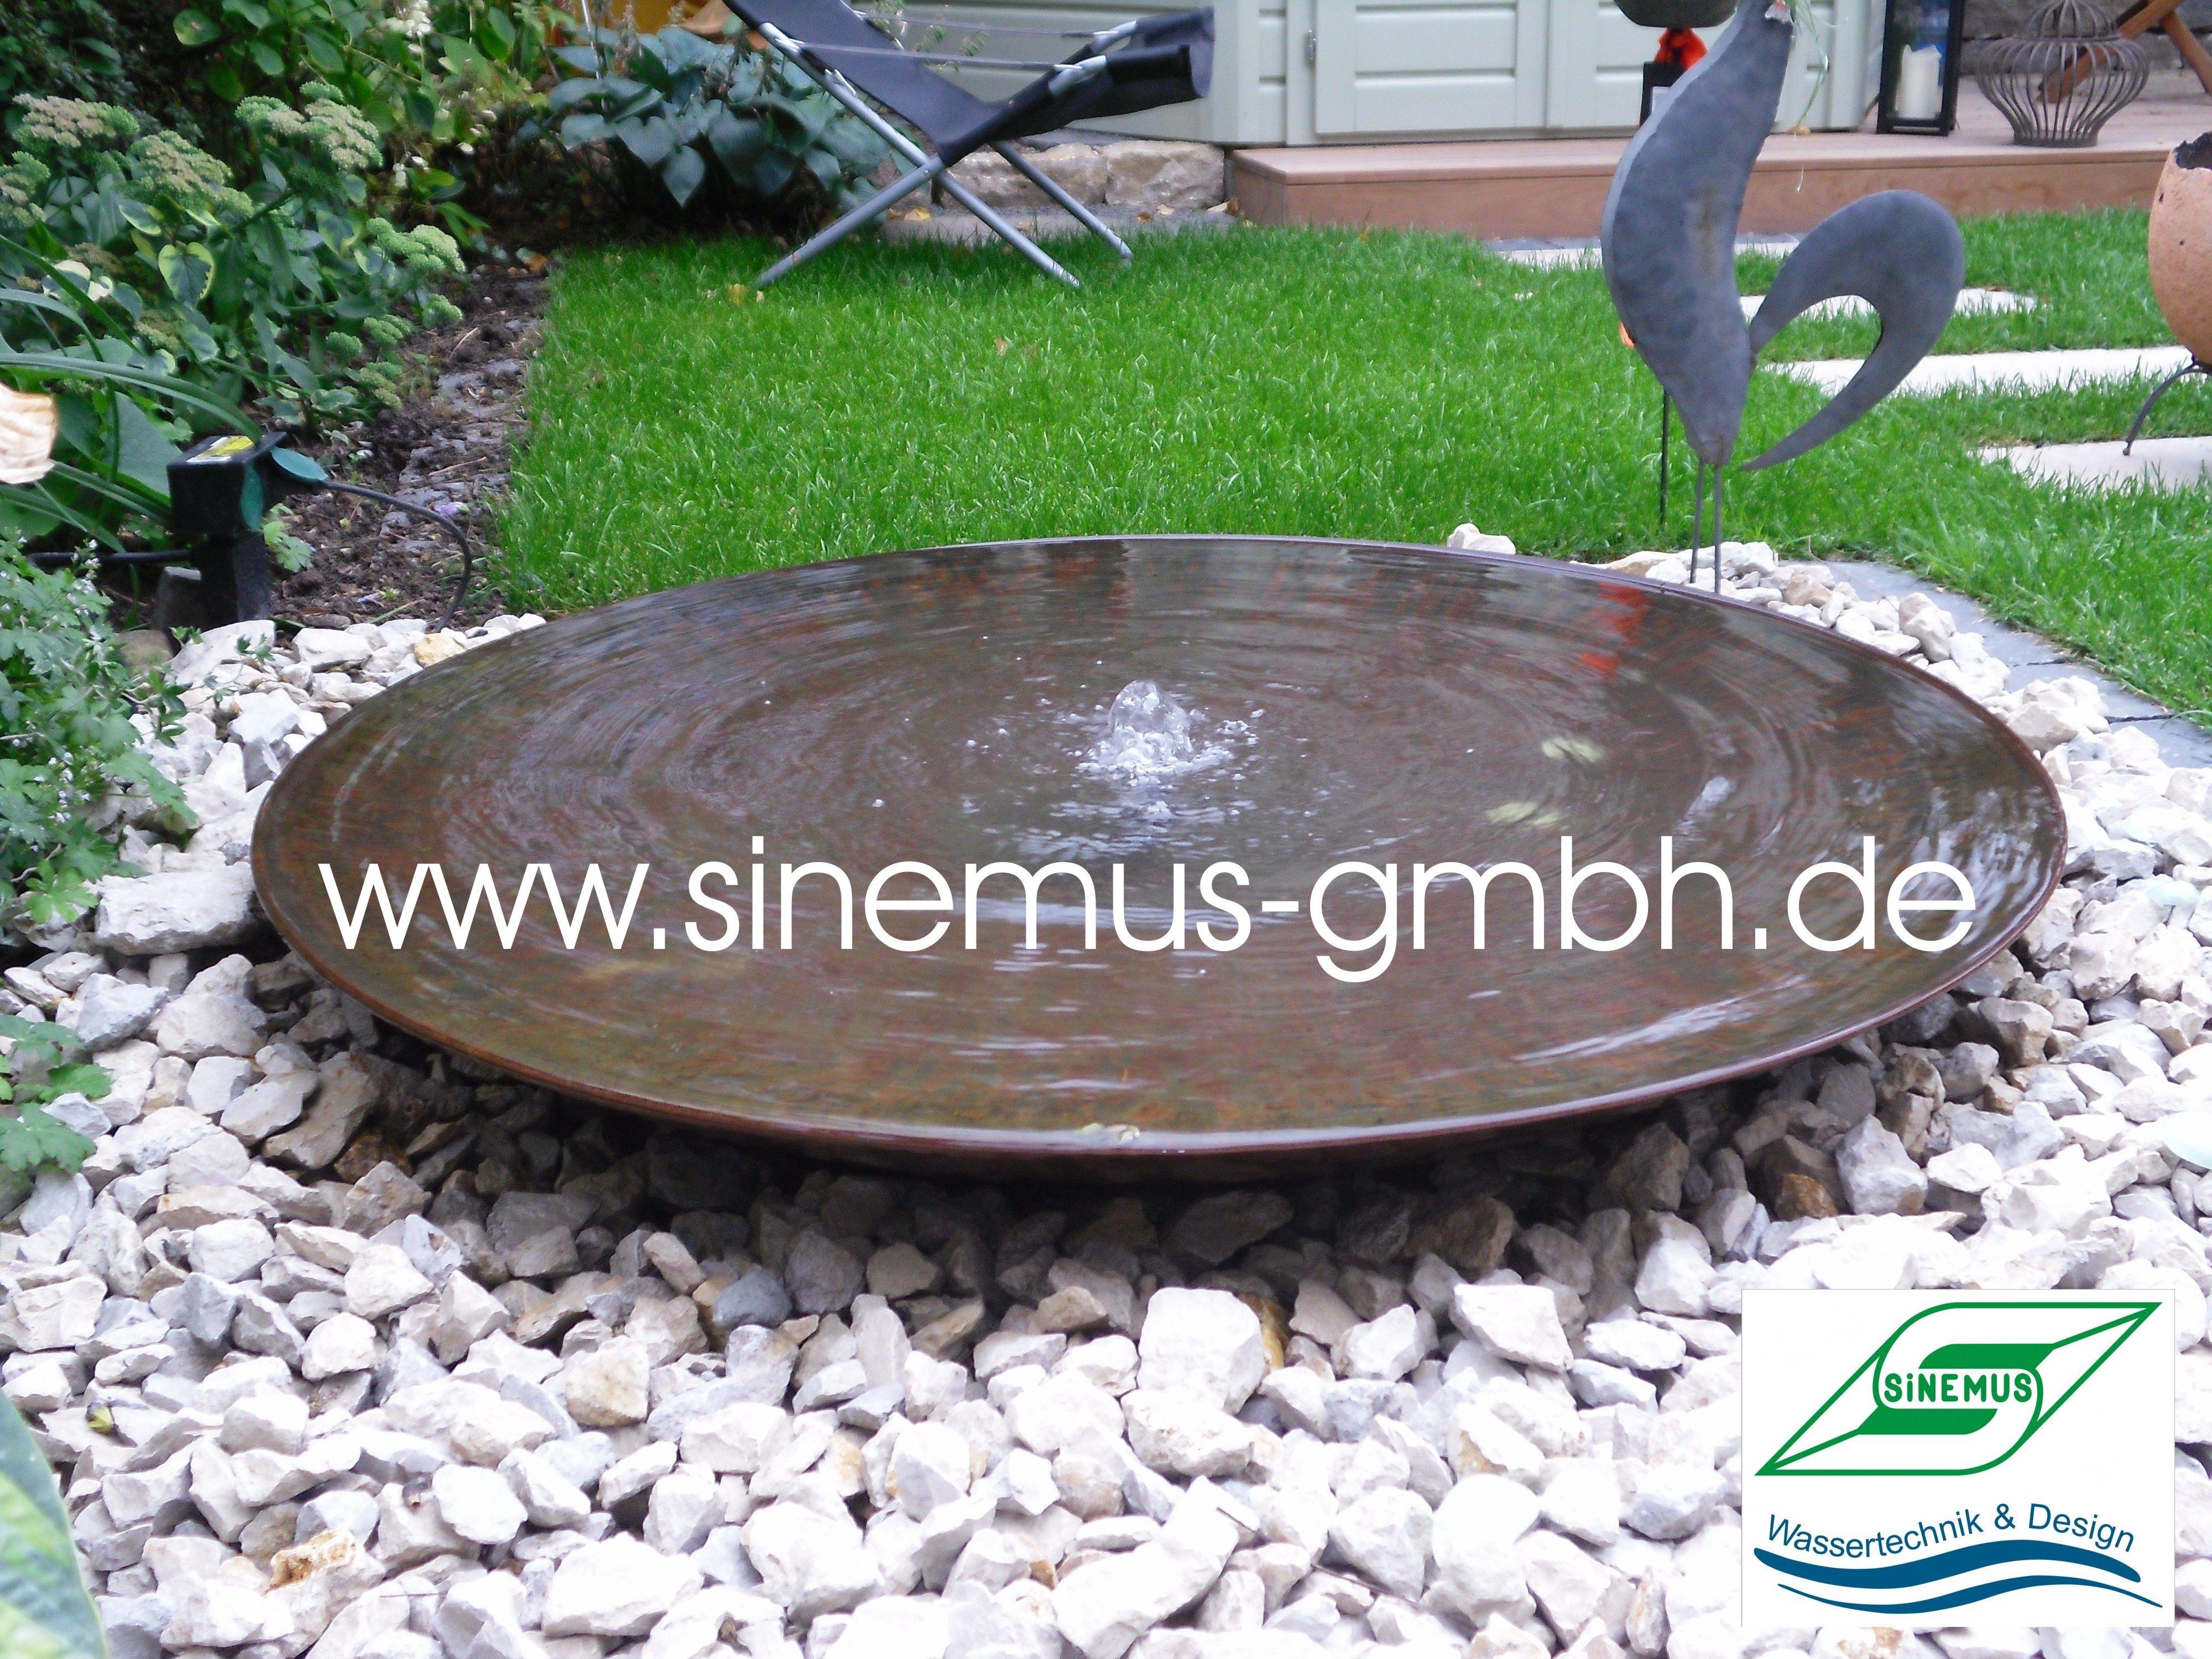 Designatgartenhaus De pin by w sinemus gmbh on gartenbrunnen aus cortenstahl